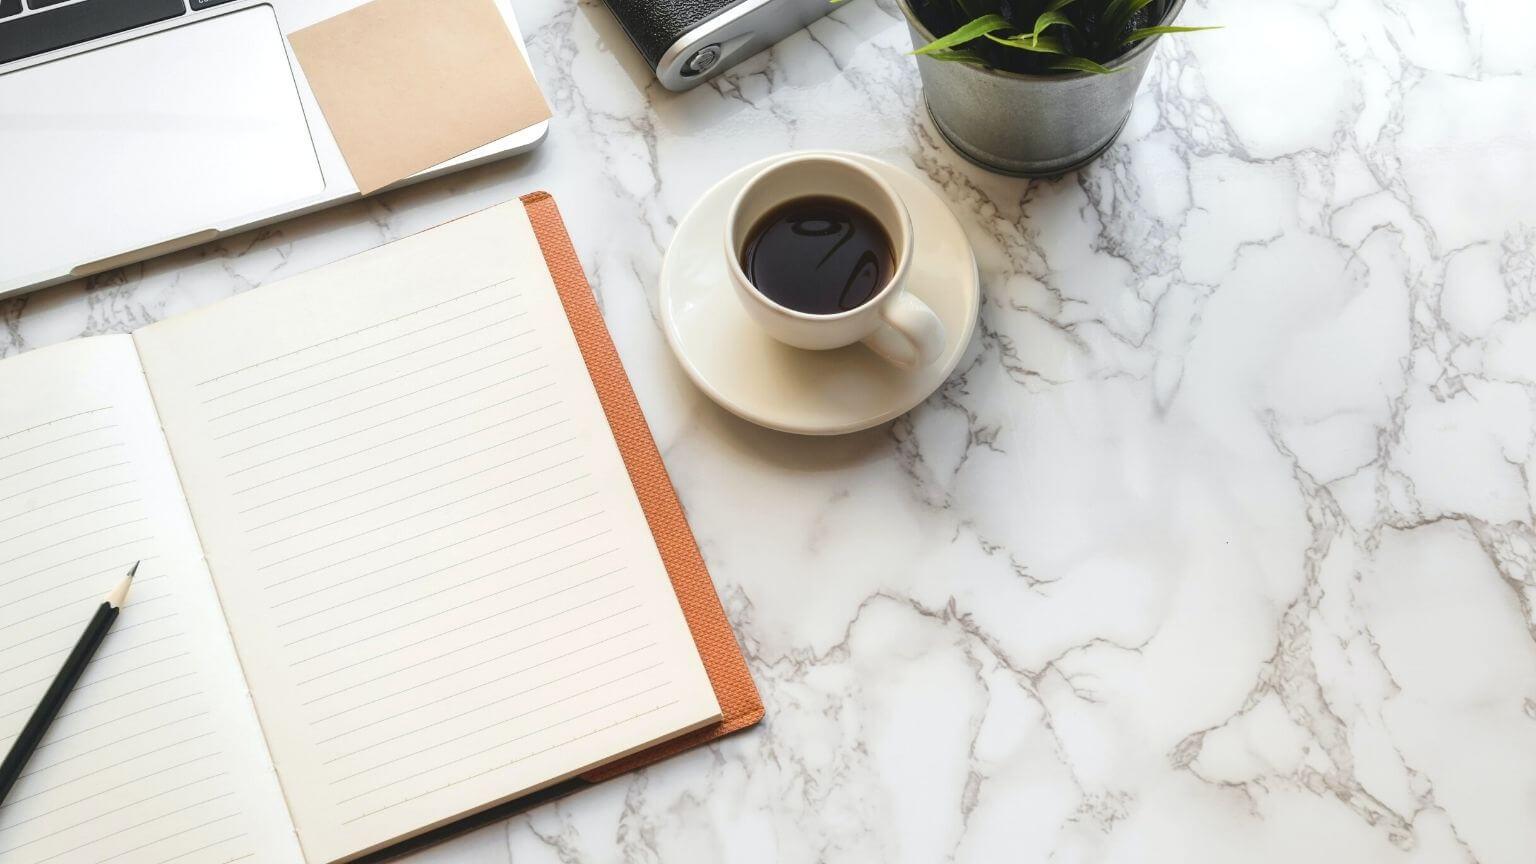 14 façons de limiter les distractions pour améliorer votre productivité - Cover